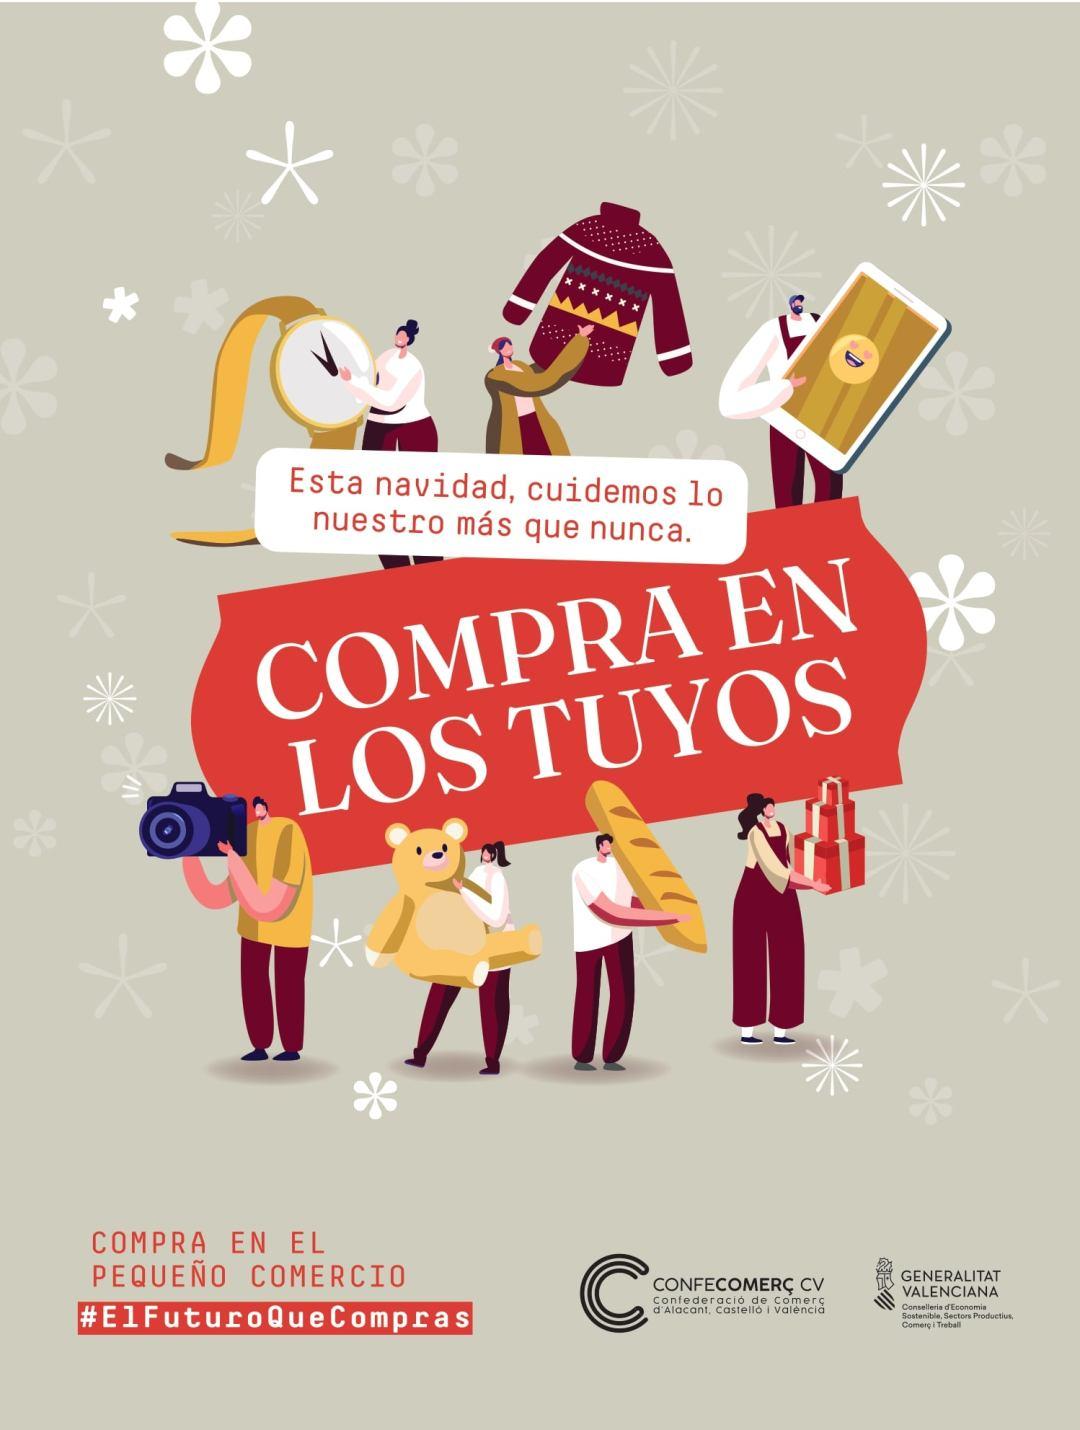 campaña navidad comrpa en los tuyos